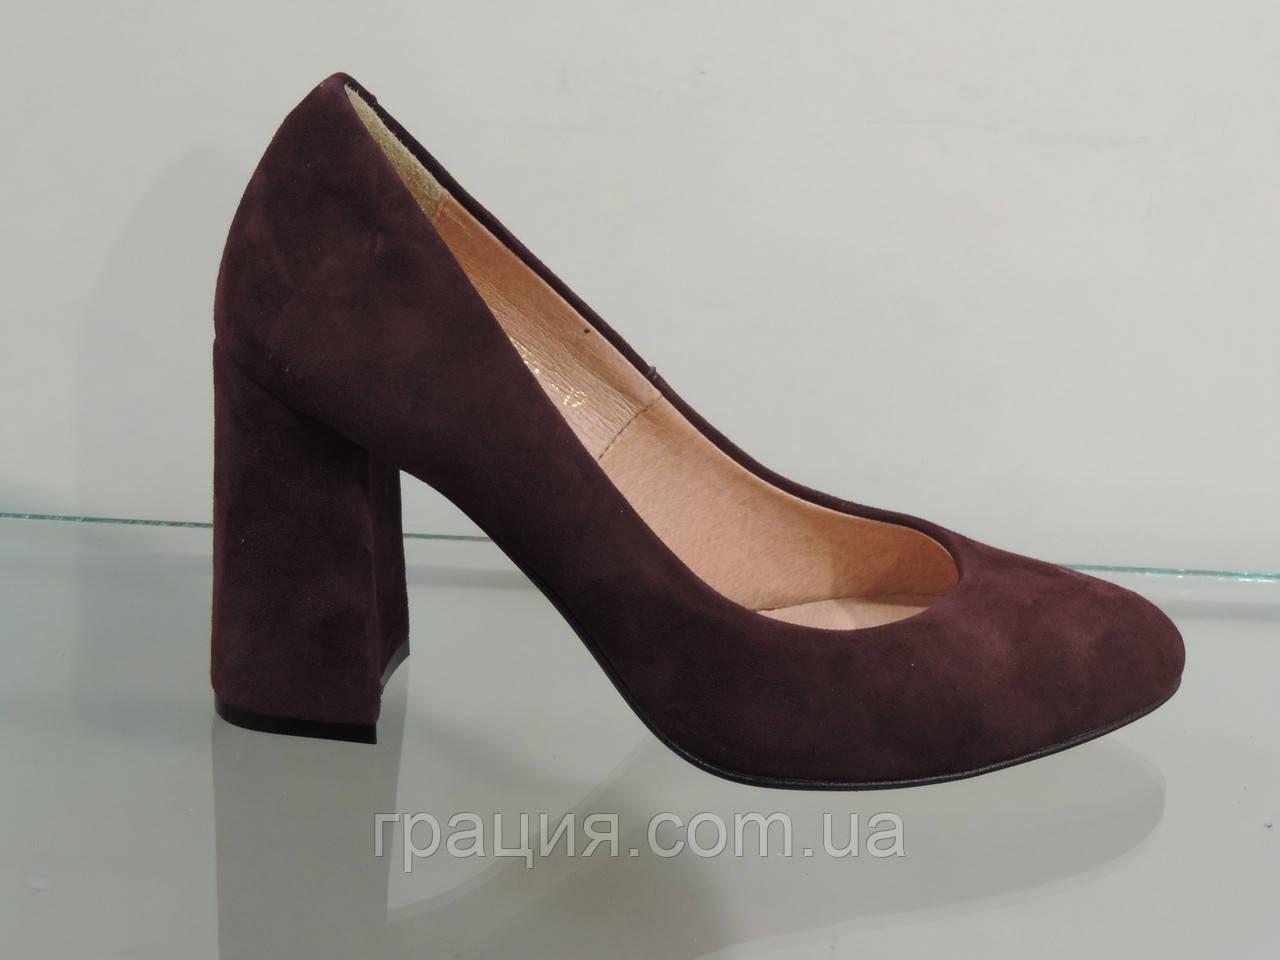 Модные женские бордовые туфли замшевые натуральные на каблуке